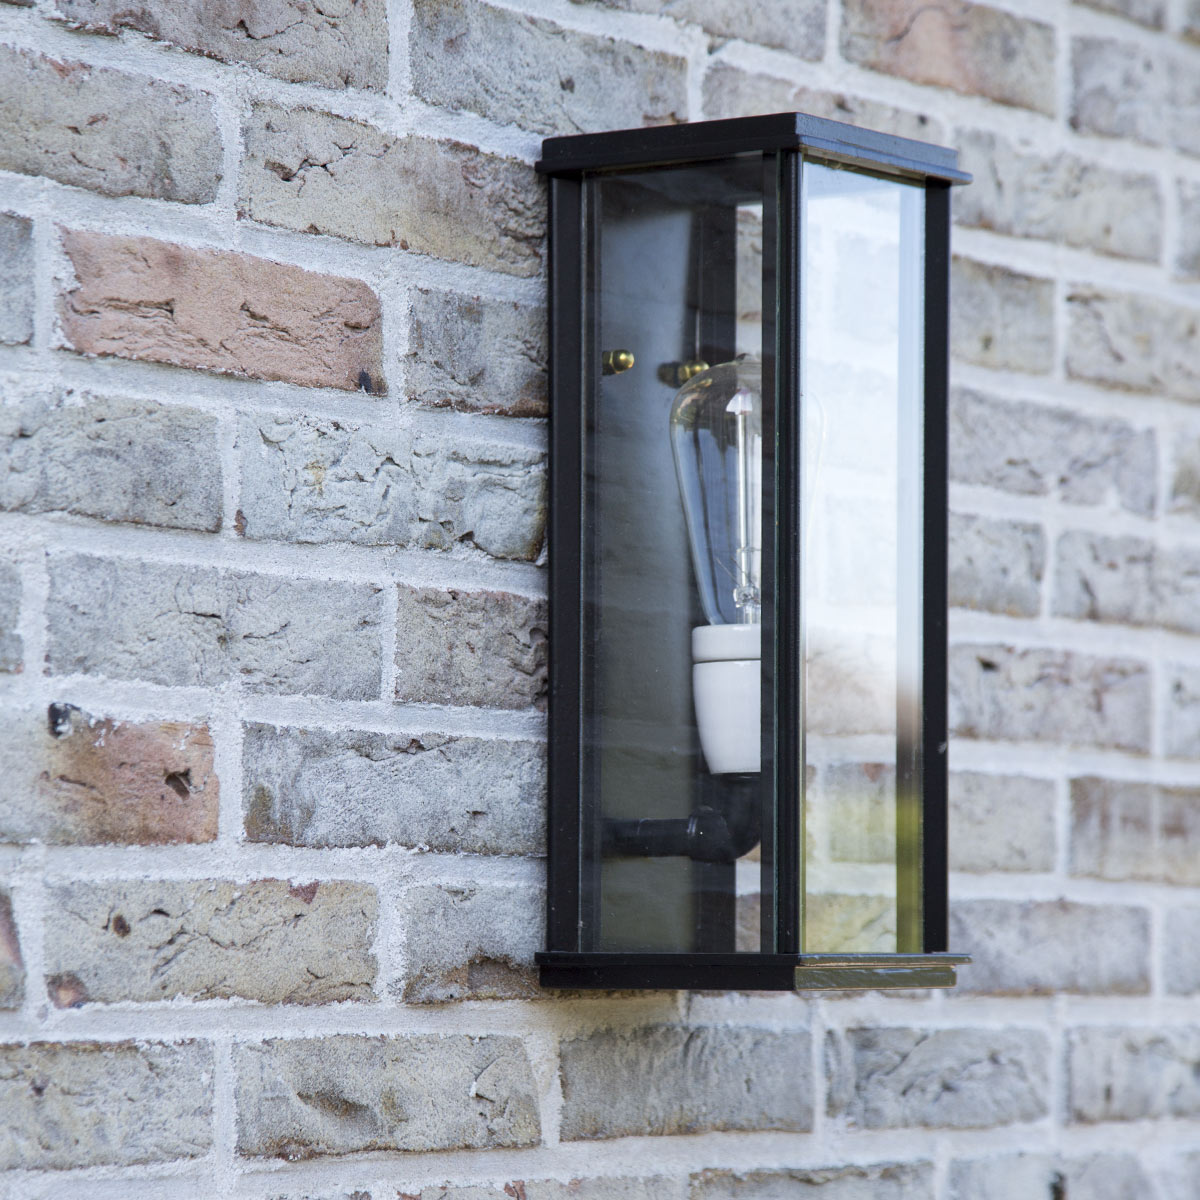 Buitenlamp Capital S muurlamp wandverlichting in klassieke stijl van KS Verlichting